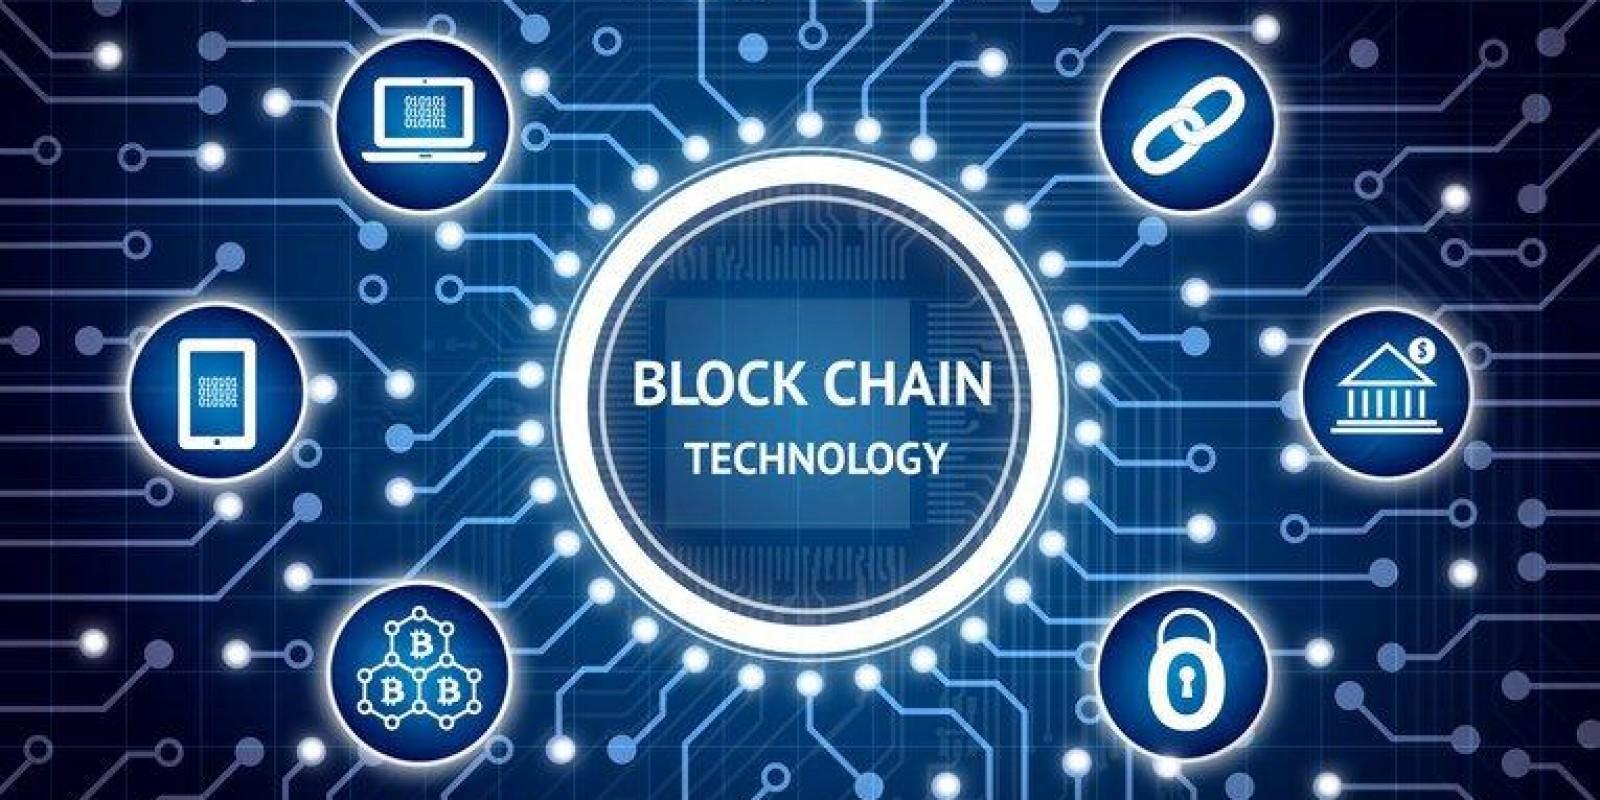 Blockchain quântica: entenda como a Rússia vem se preparando para as transformações digitais do futuro